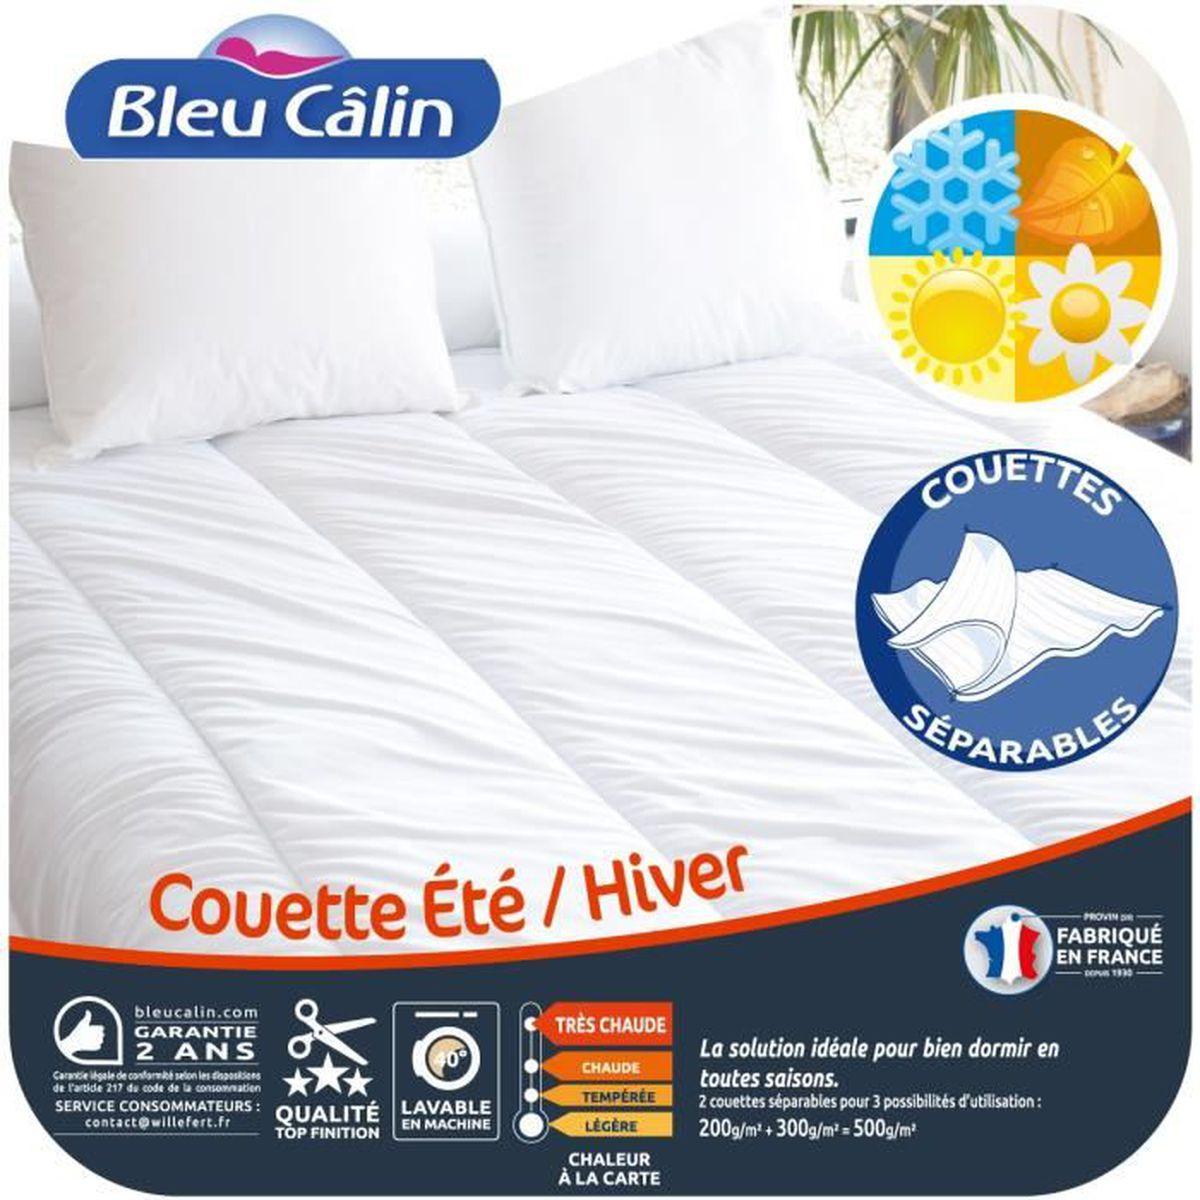 BLEU CALIN Couette Été Hiver 240x260 cm blanc   Achat / Vente